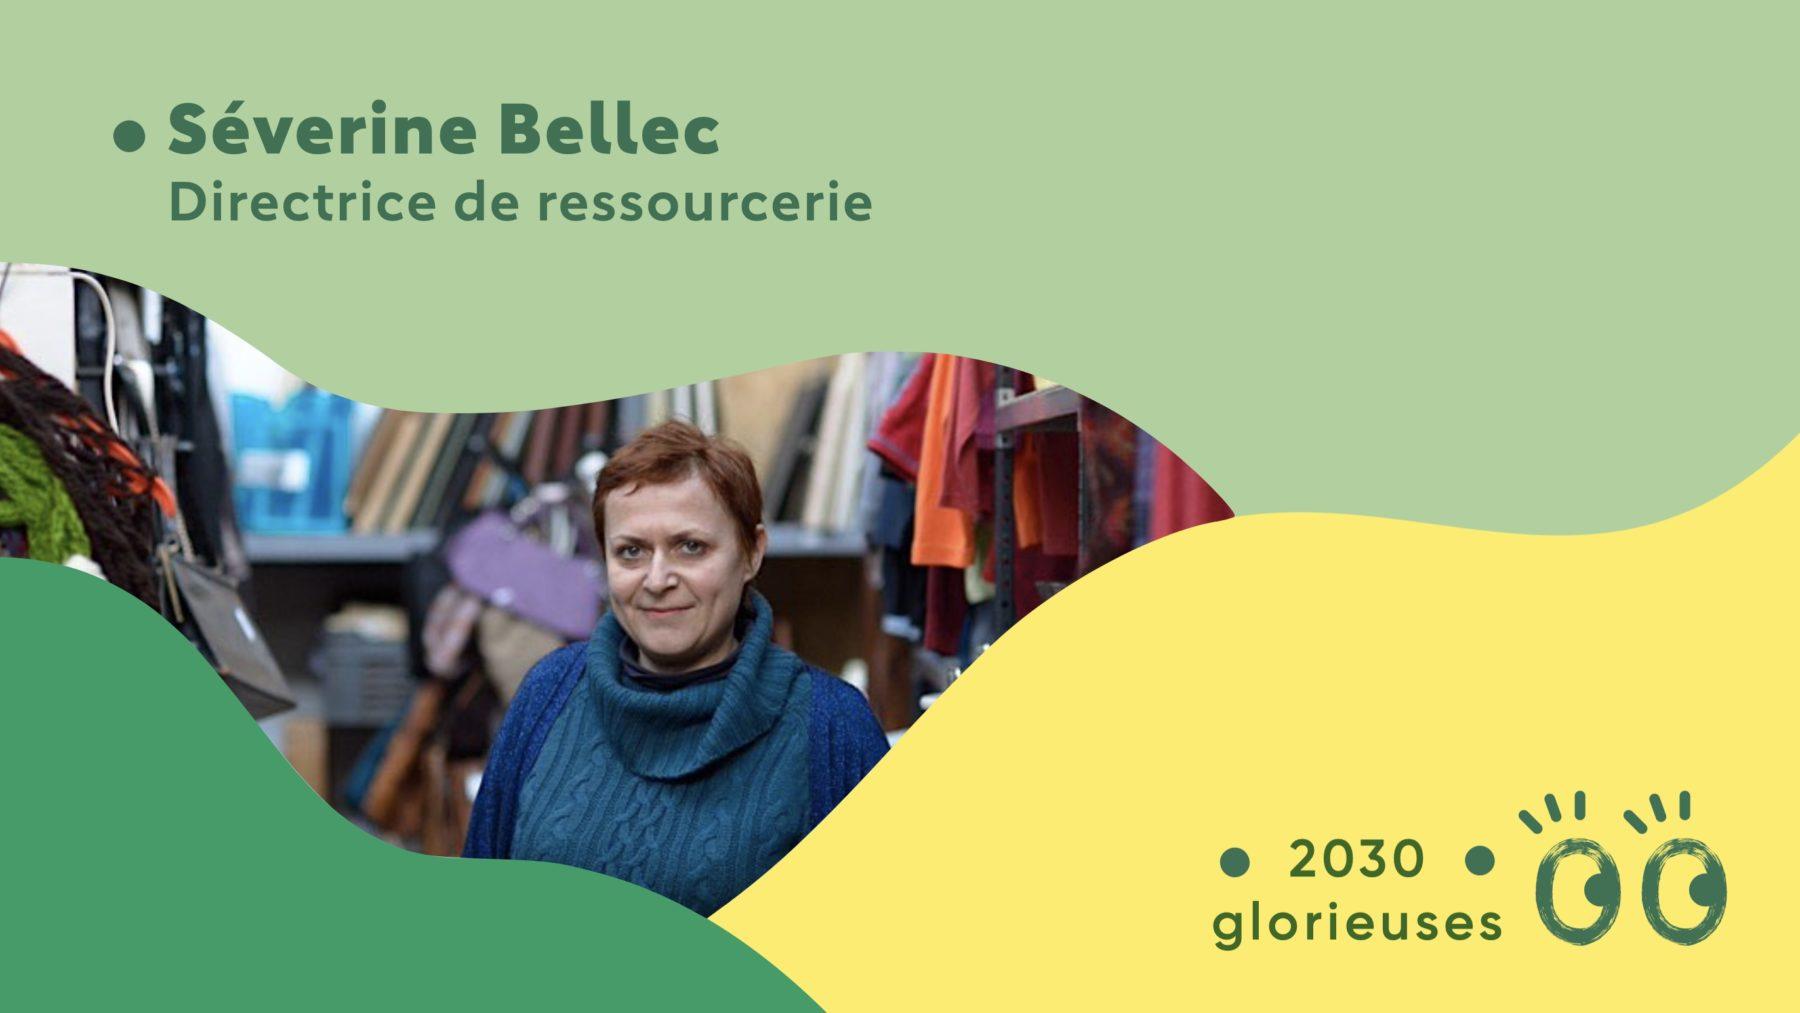 """2030 Glorieuses #33 : Séverine Bellec : """"Bientôt les gens iront d'abord dans une ressourcerie plutôt que d'acheter neuf"""""""